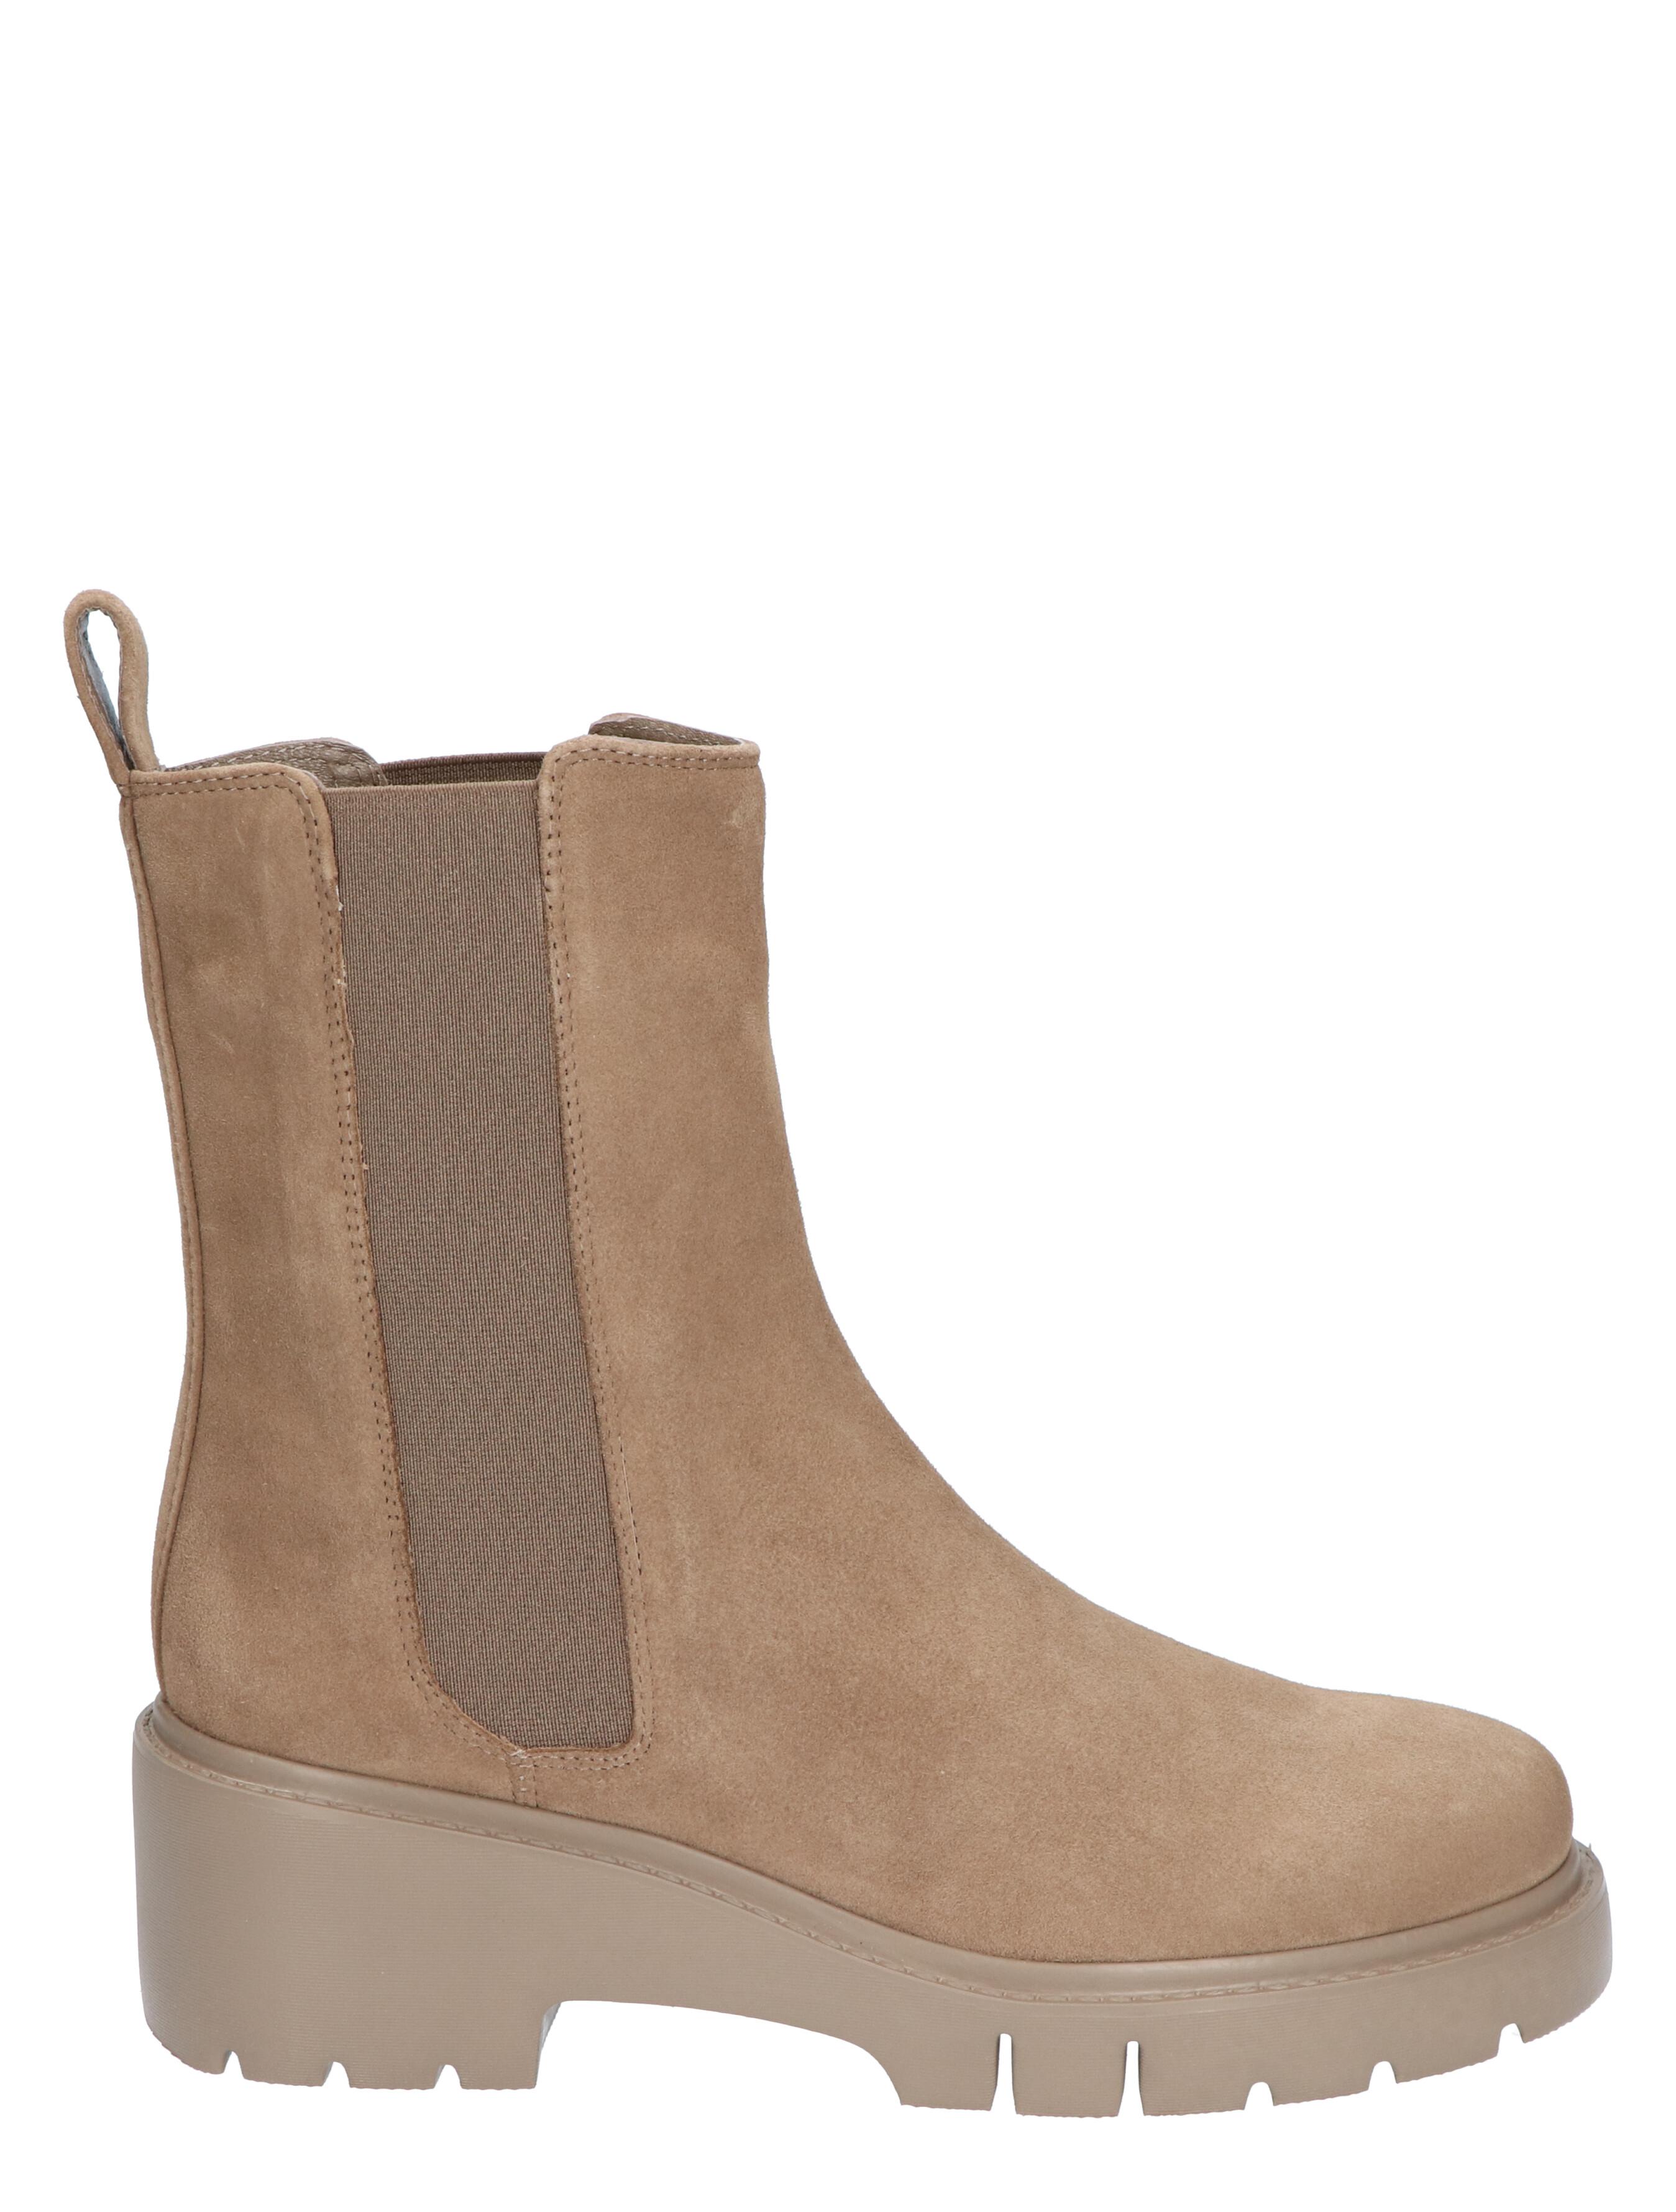 Unisa Josto KS Taupe Chelsea boots